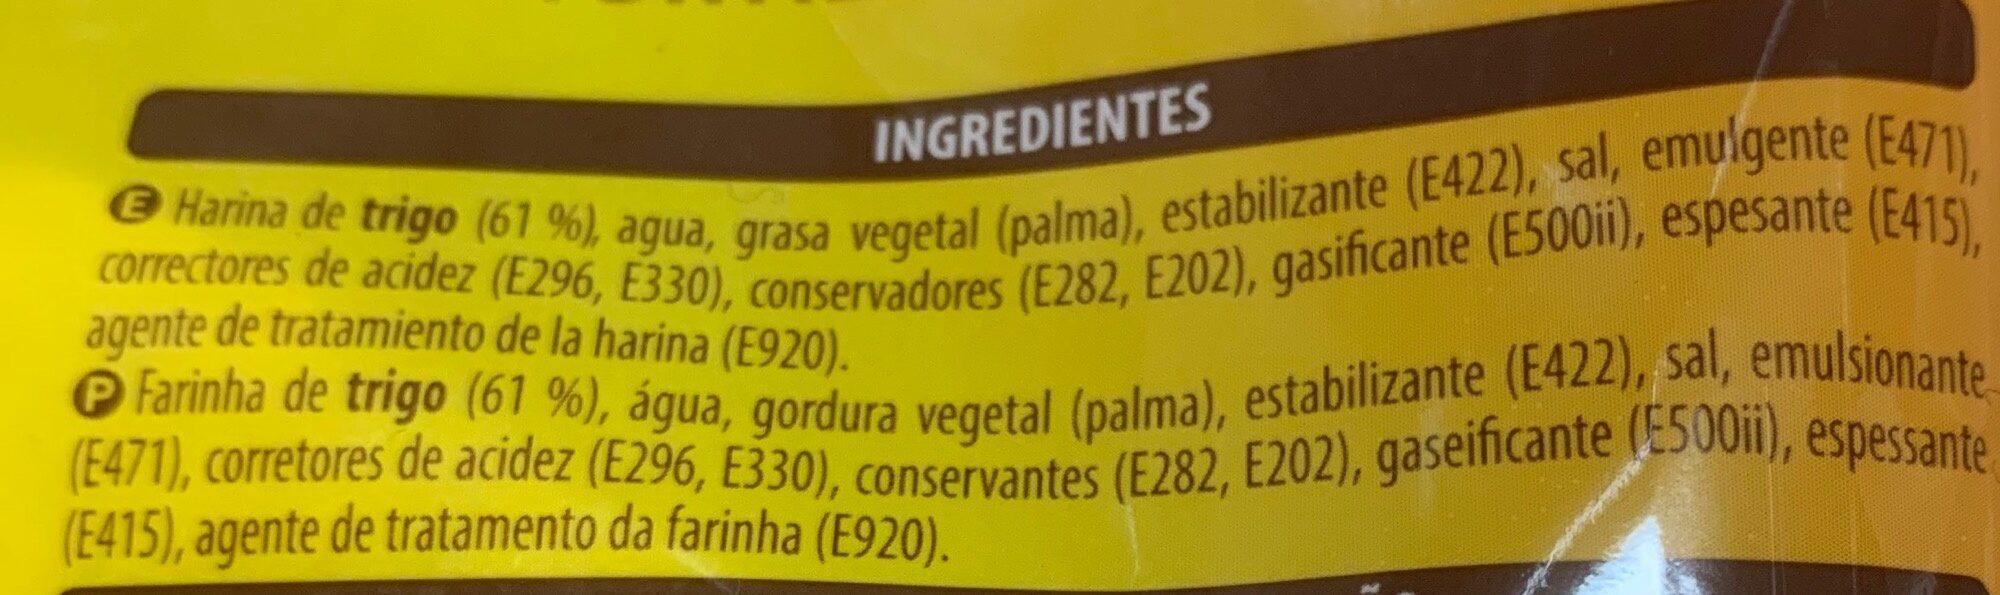 10 Tortillas de Trigo - Ingredientes